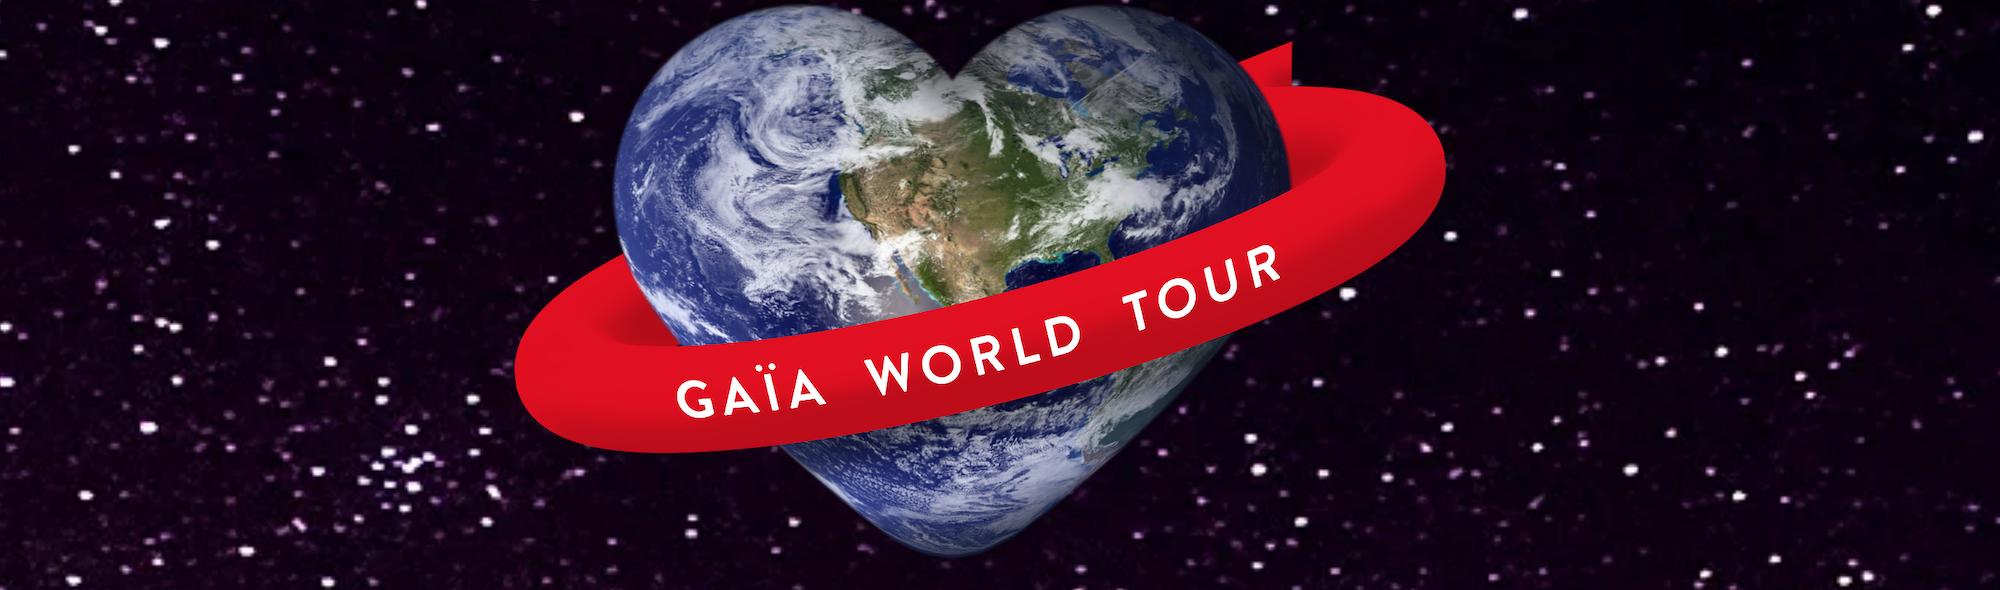 GAIA World tour